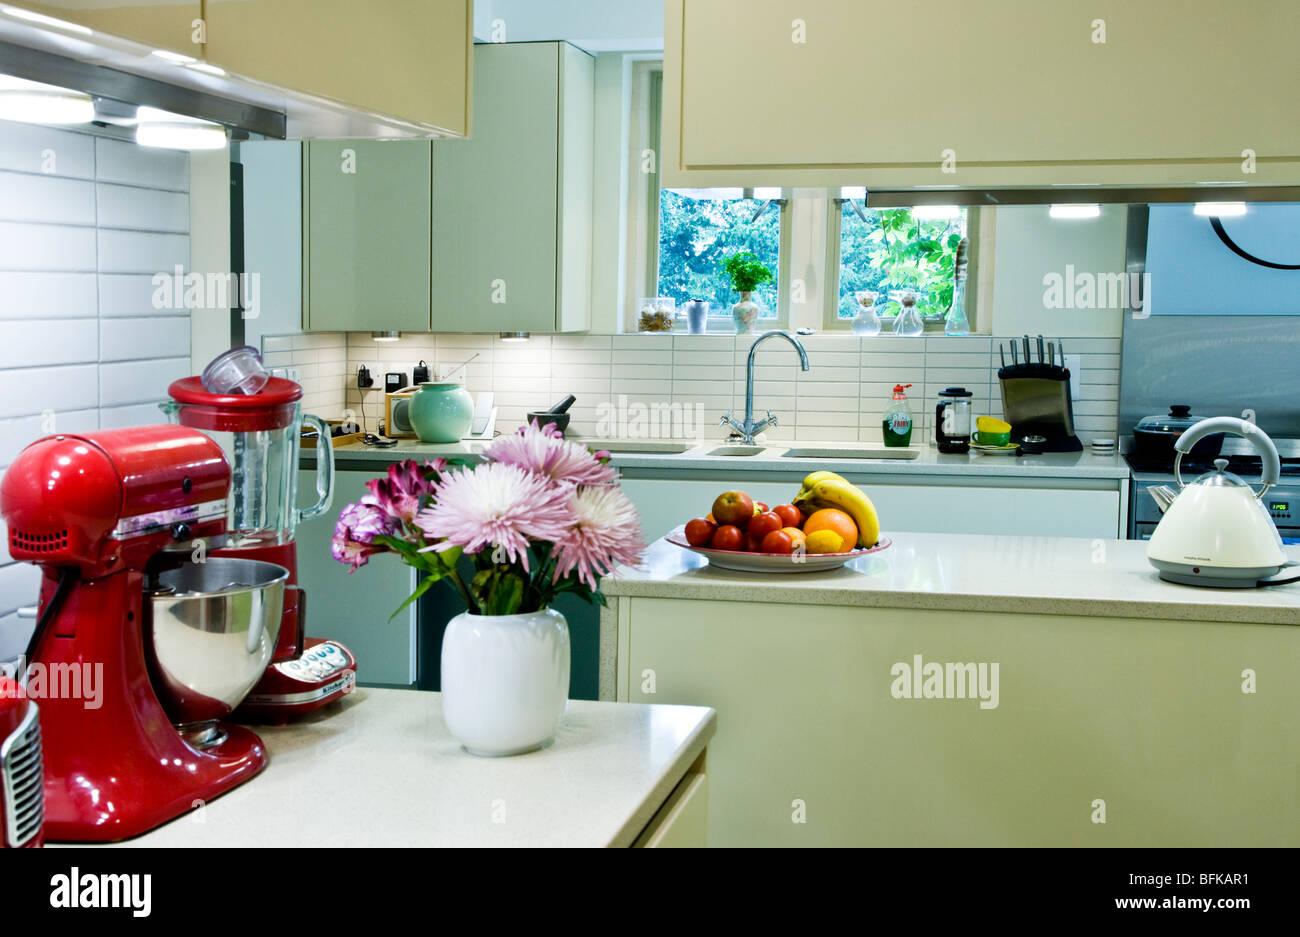 Un moderno e contemporaneo elegante cucina con retro rosso apparecchi e vaso di fiori freschi Immagini Stock